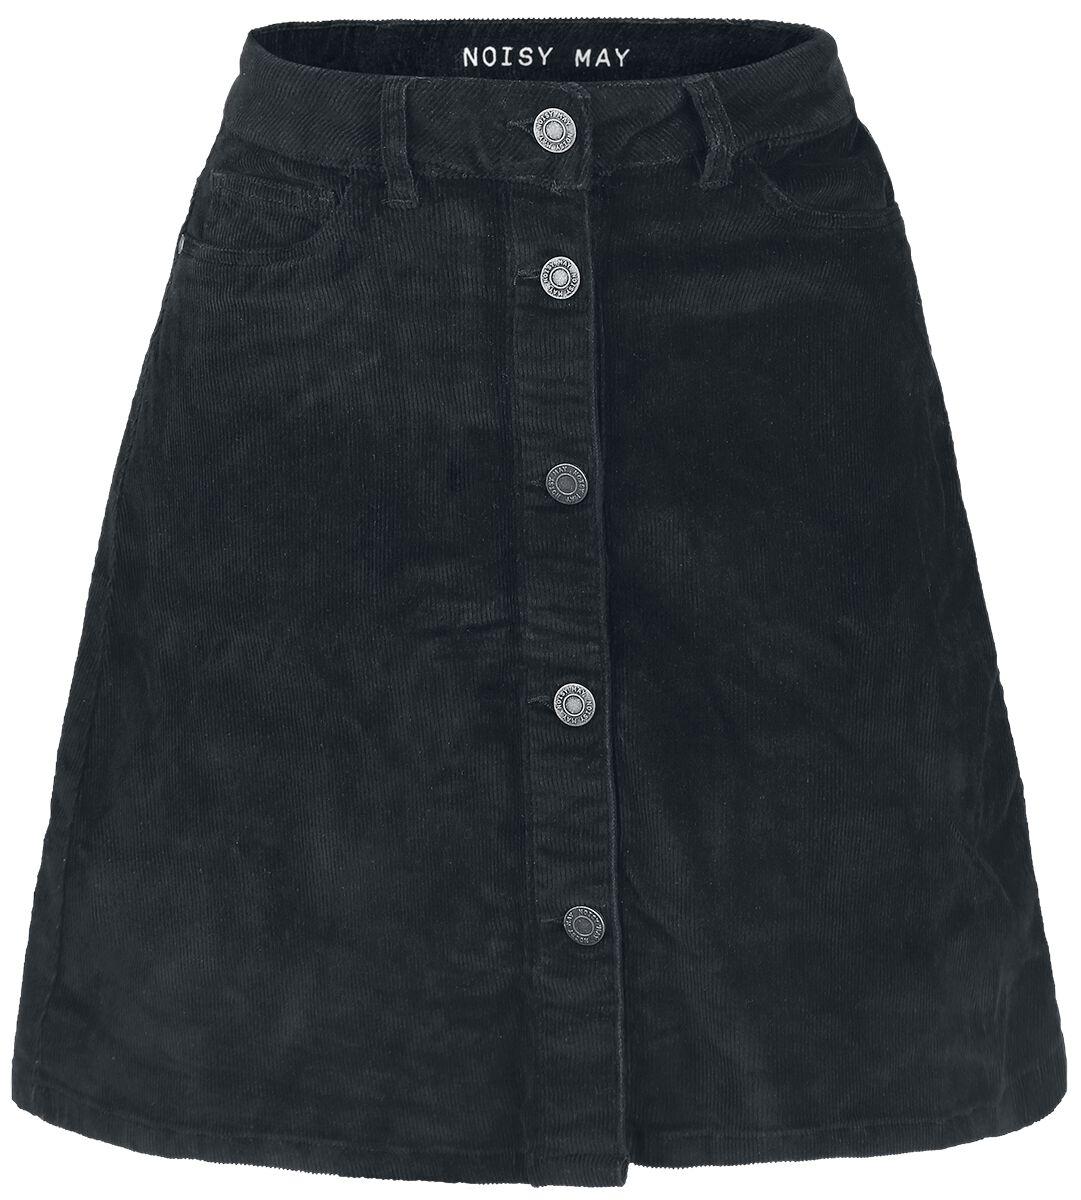 c15283b2b027 Fed pencil skirt fra Masai. Klassisk tætsiddende nederdel med masser ...